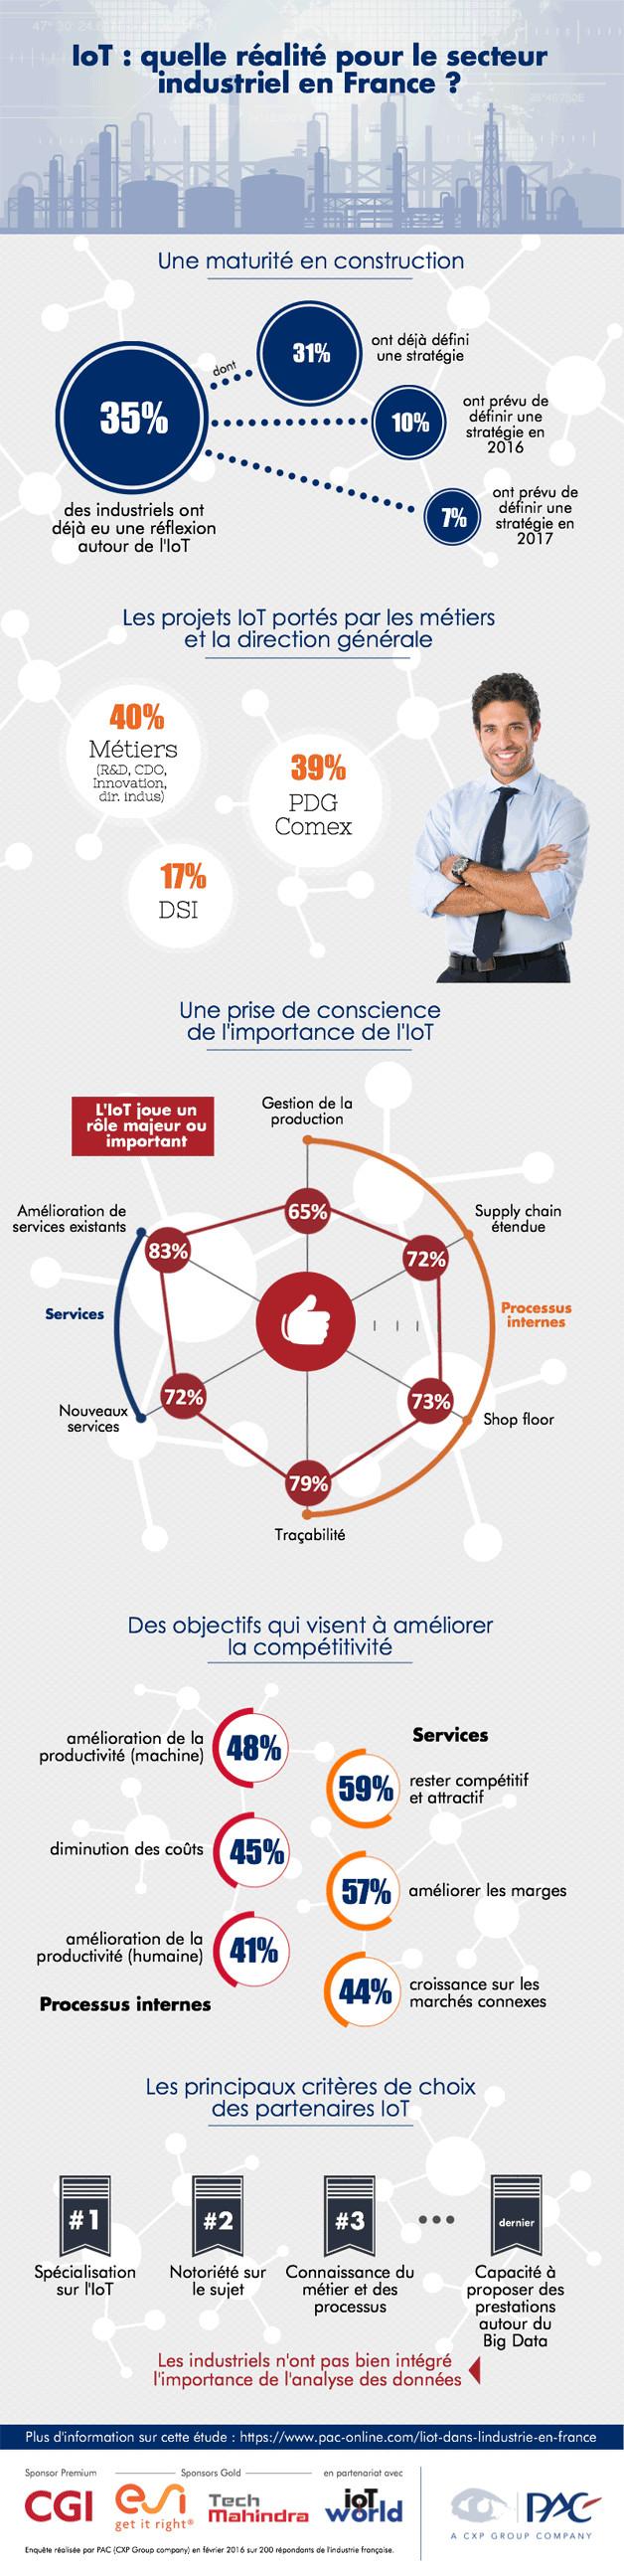 IoT : quelle réalité pour le secteur industriel en France ?